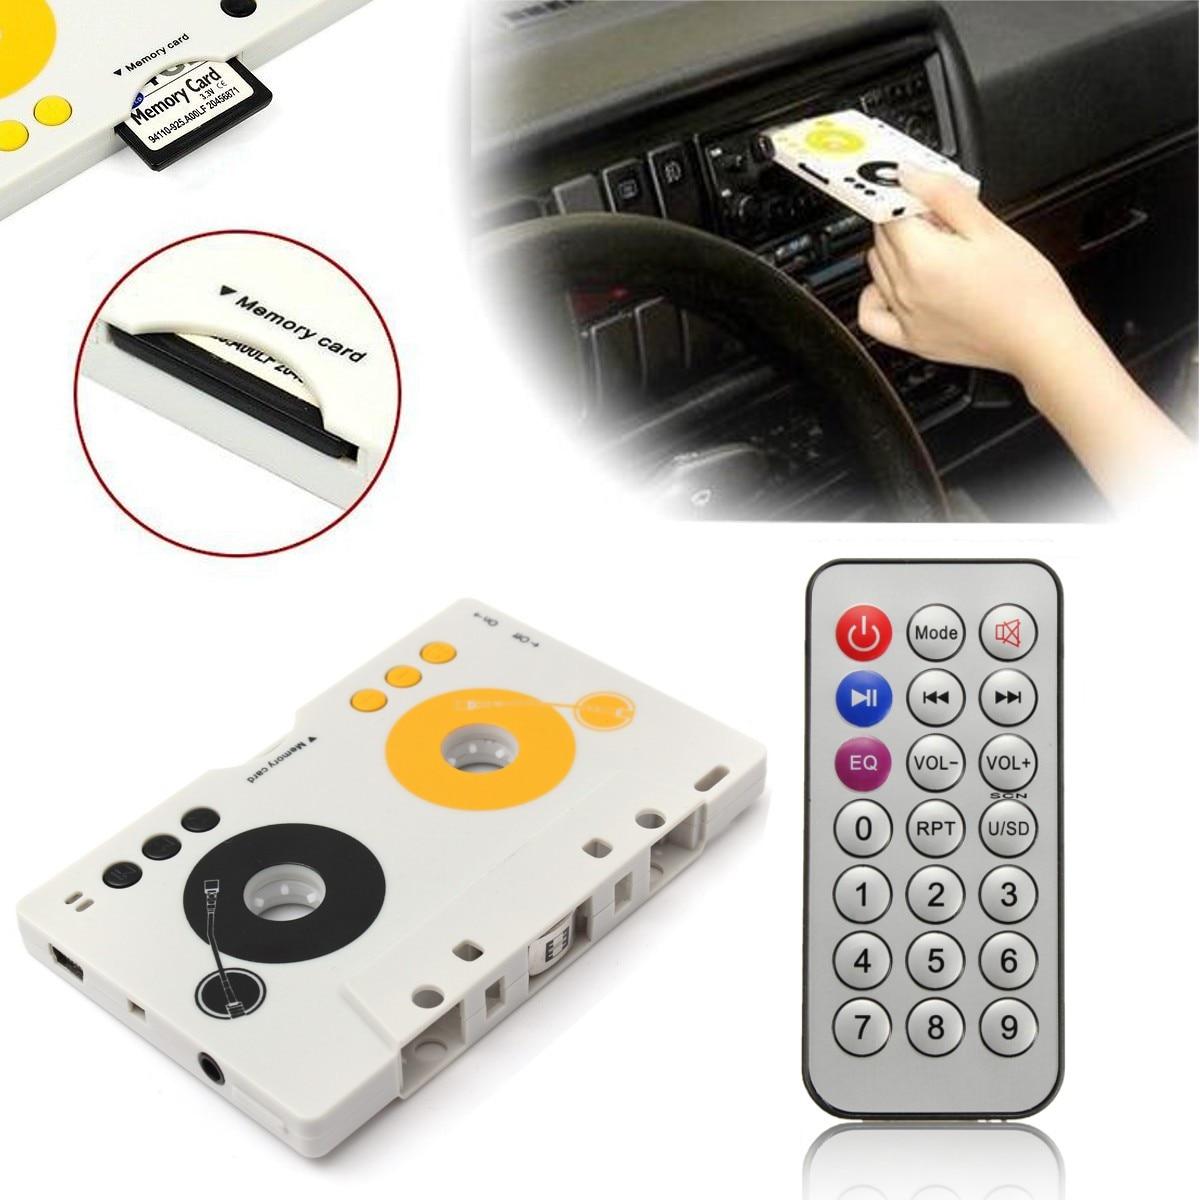 Nova V intage Kit Adaptador de Fita Cassete Carro SD MMC MP3 Player Com Controle Remoto